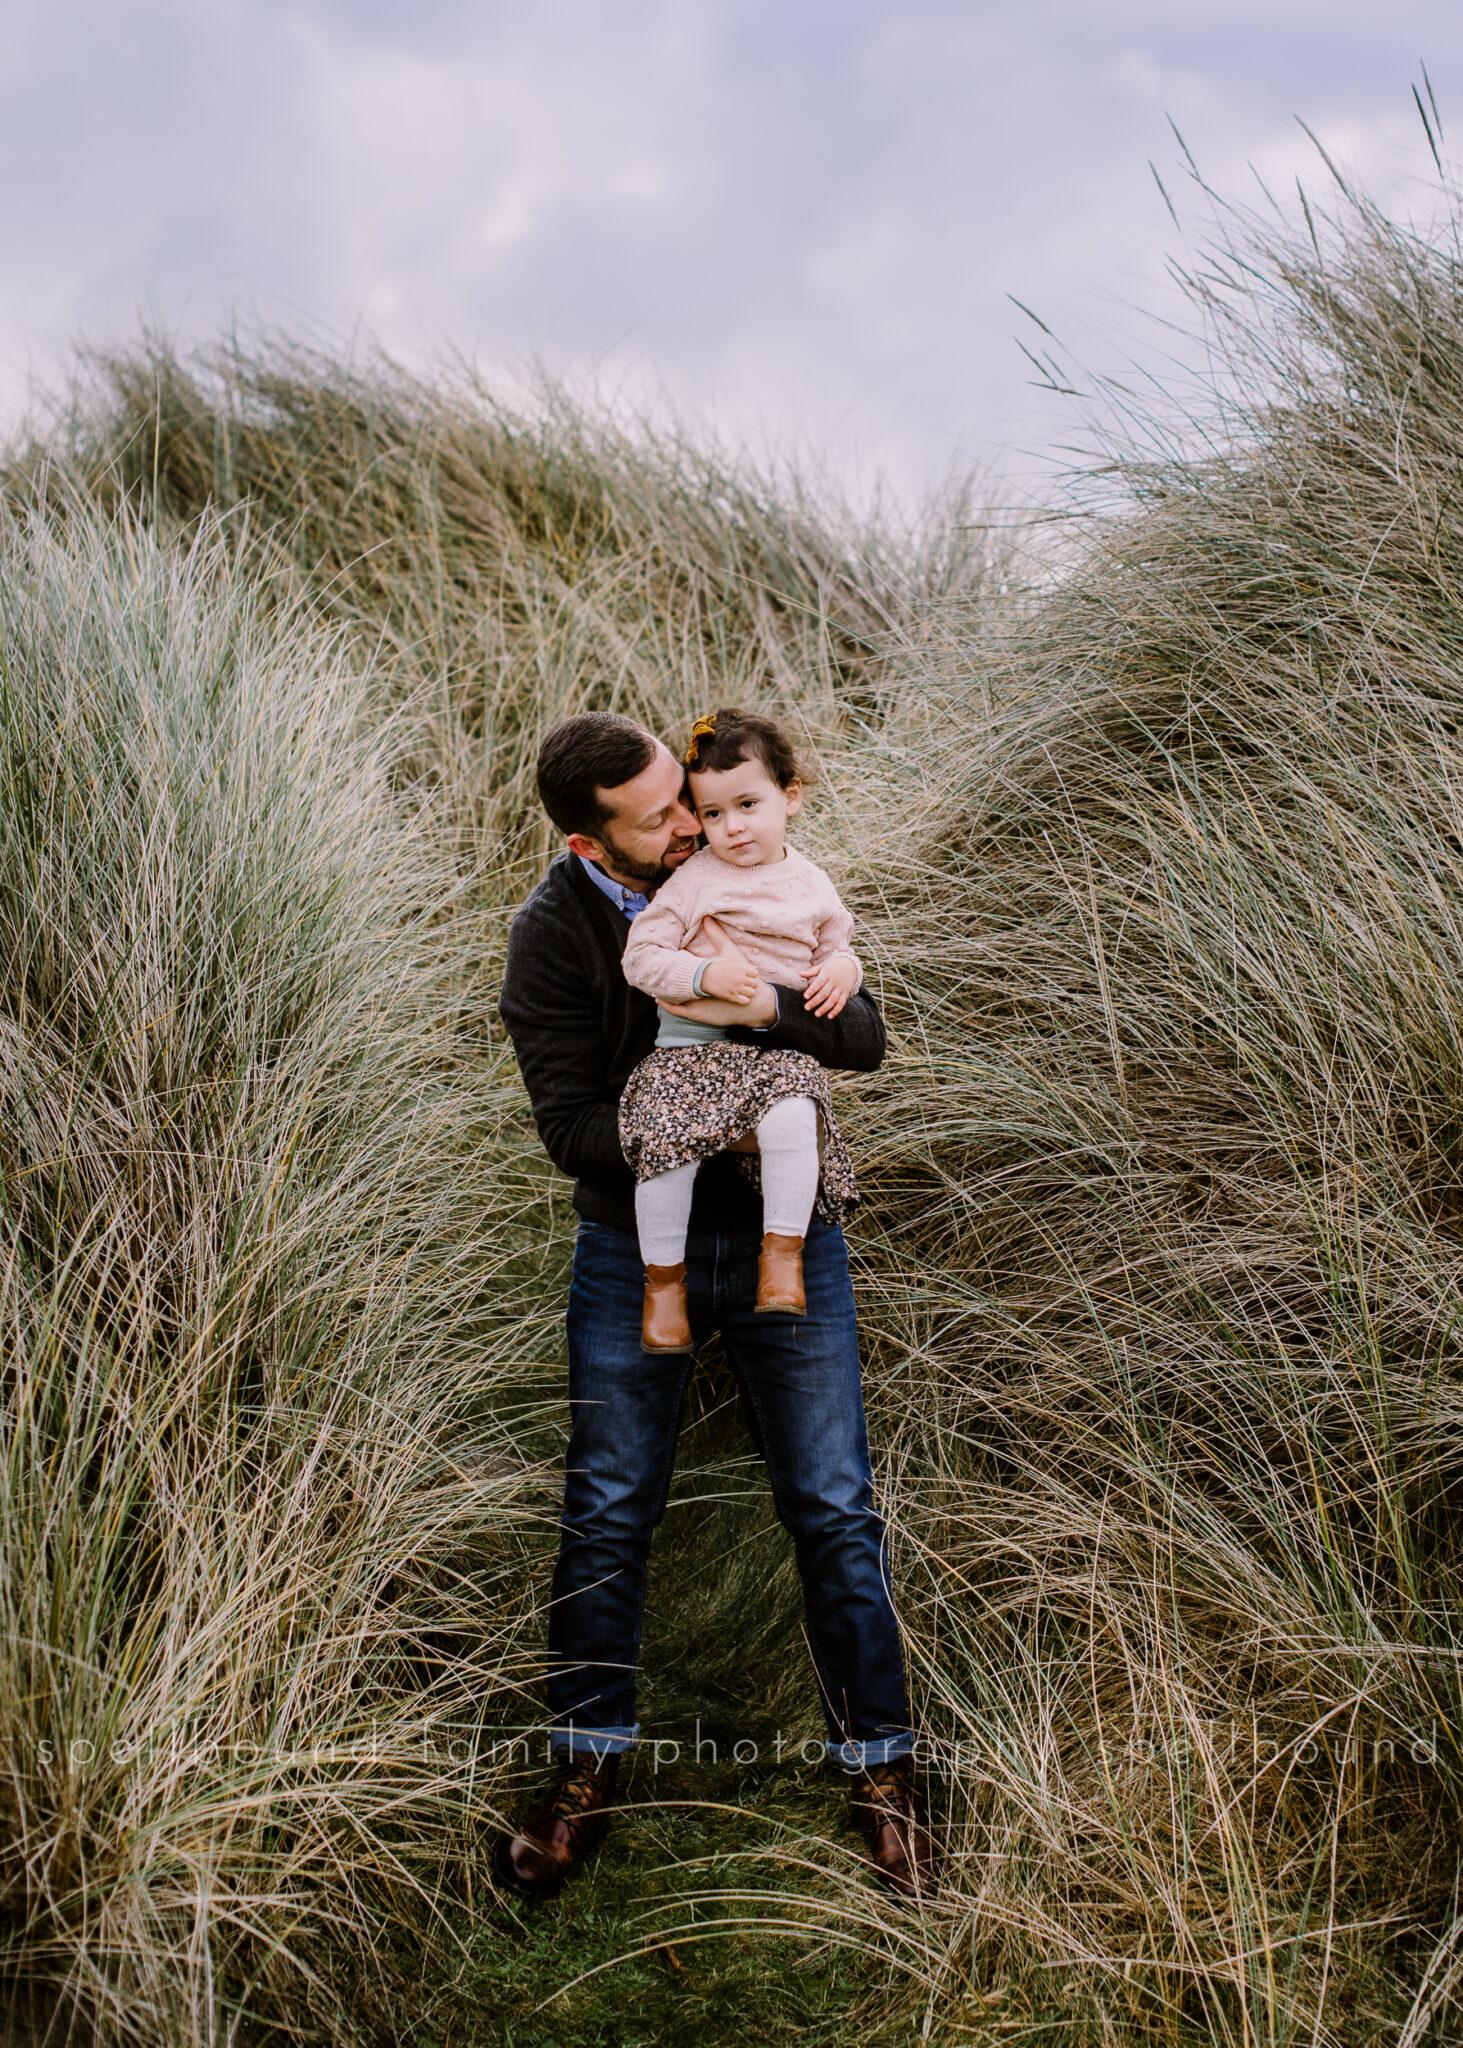 Top Family Photographer Dublin Malahide Portmarnock Clontarf South Dublin North Dublin Skerries Swords-6